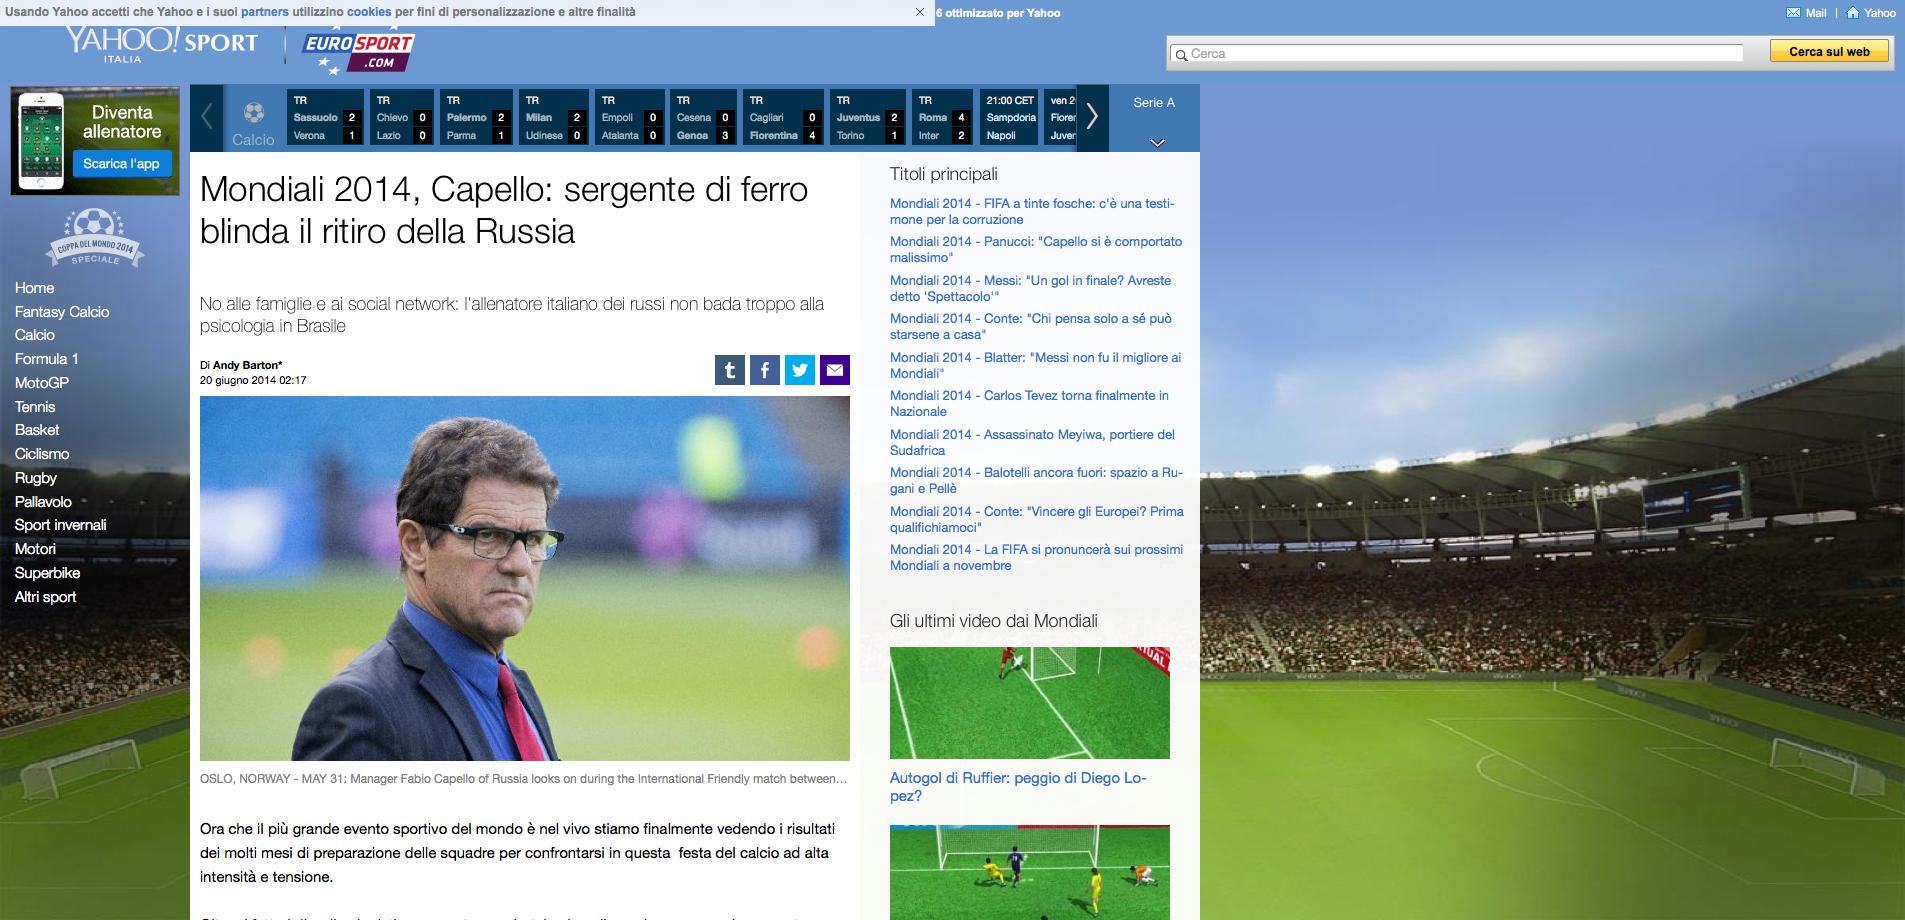 Mondiali 2014, Capello: sergente di ferro blinda il ritiro della Russia' su Yahoo Eurosport IT